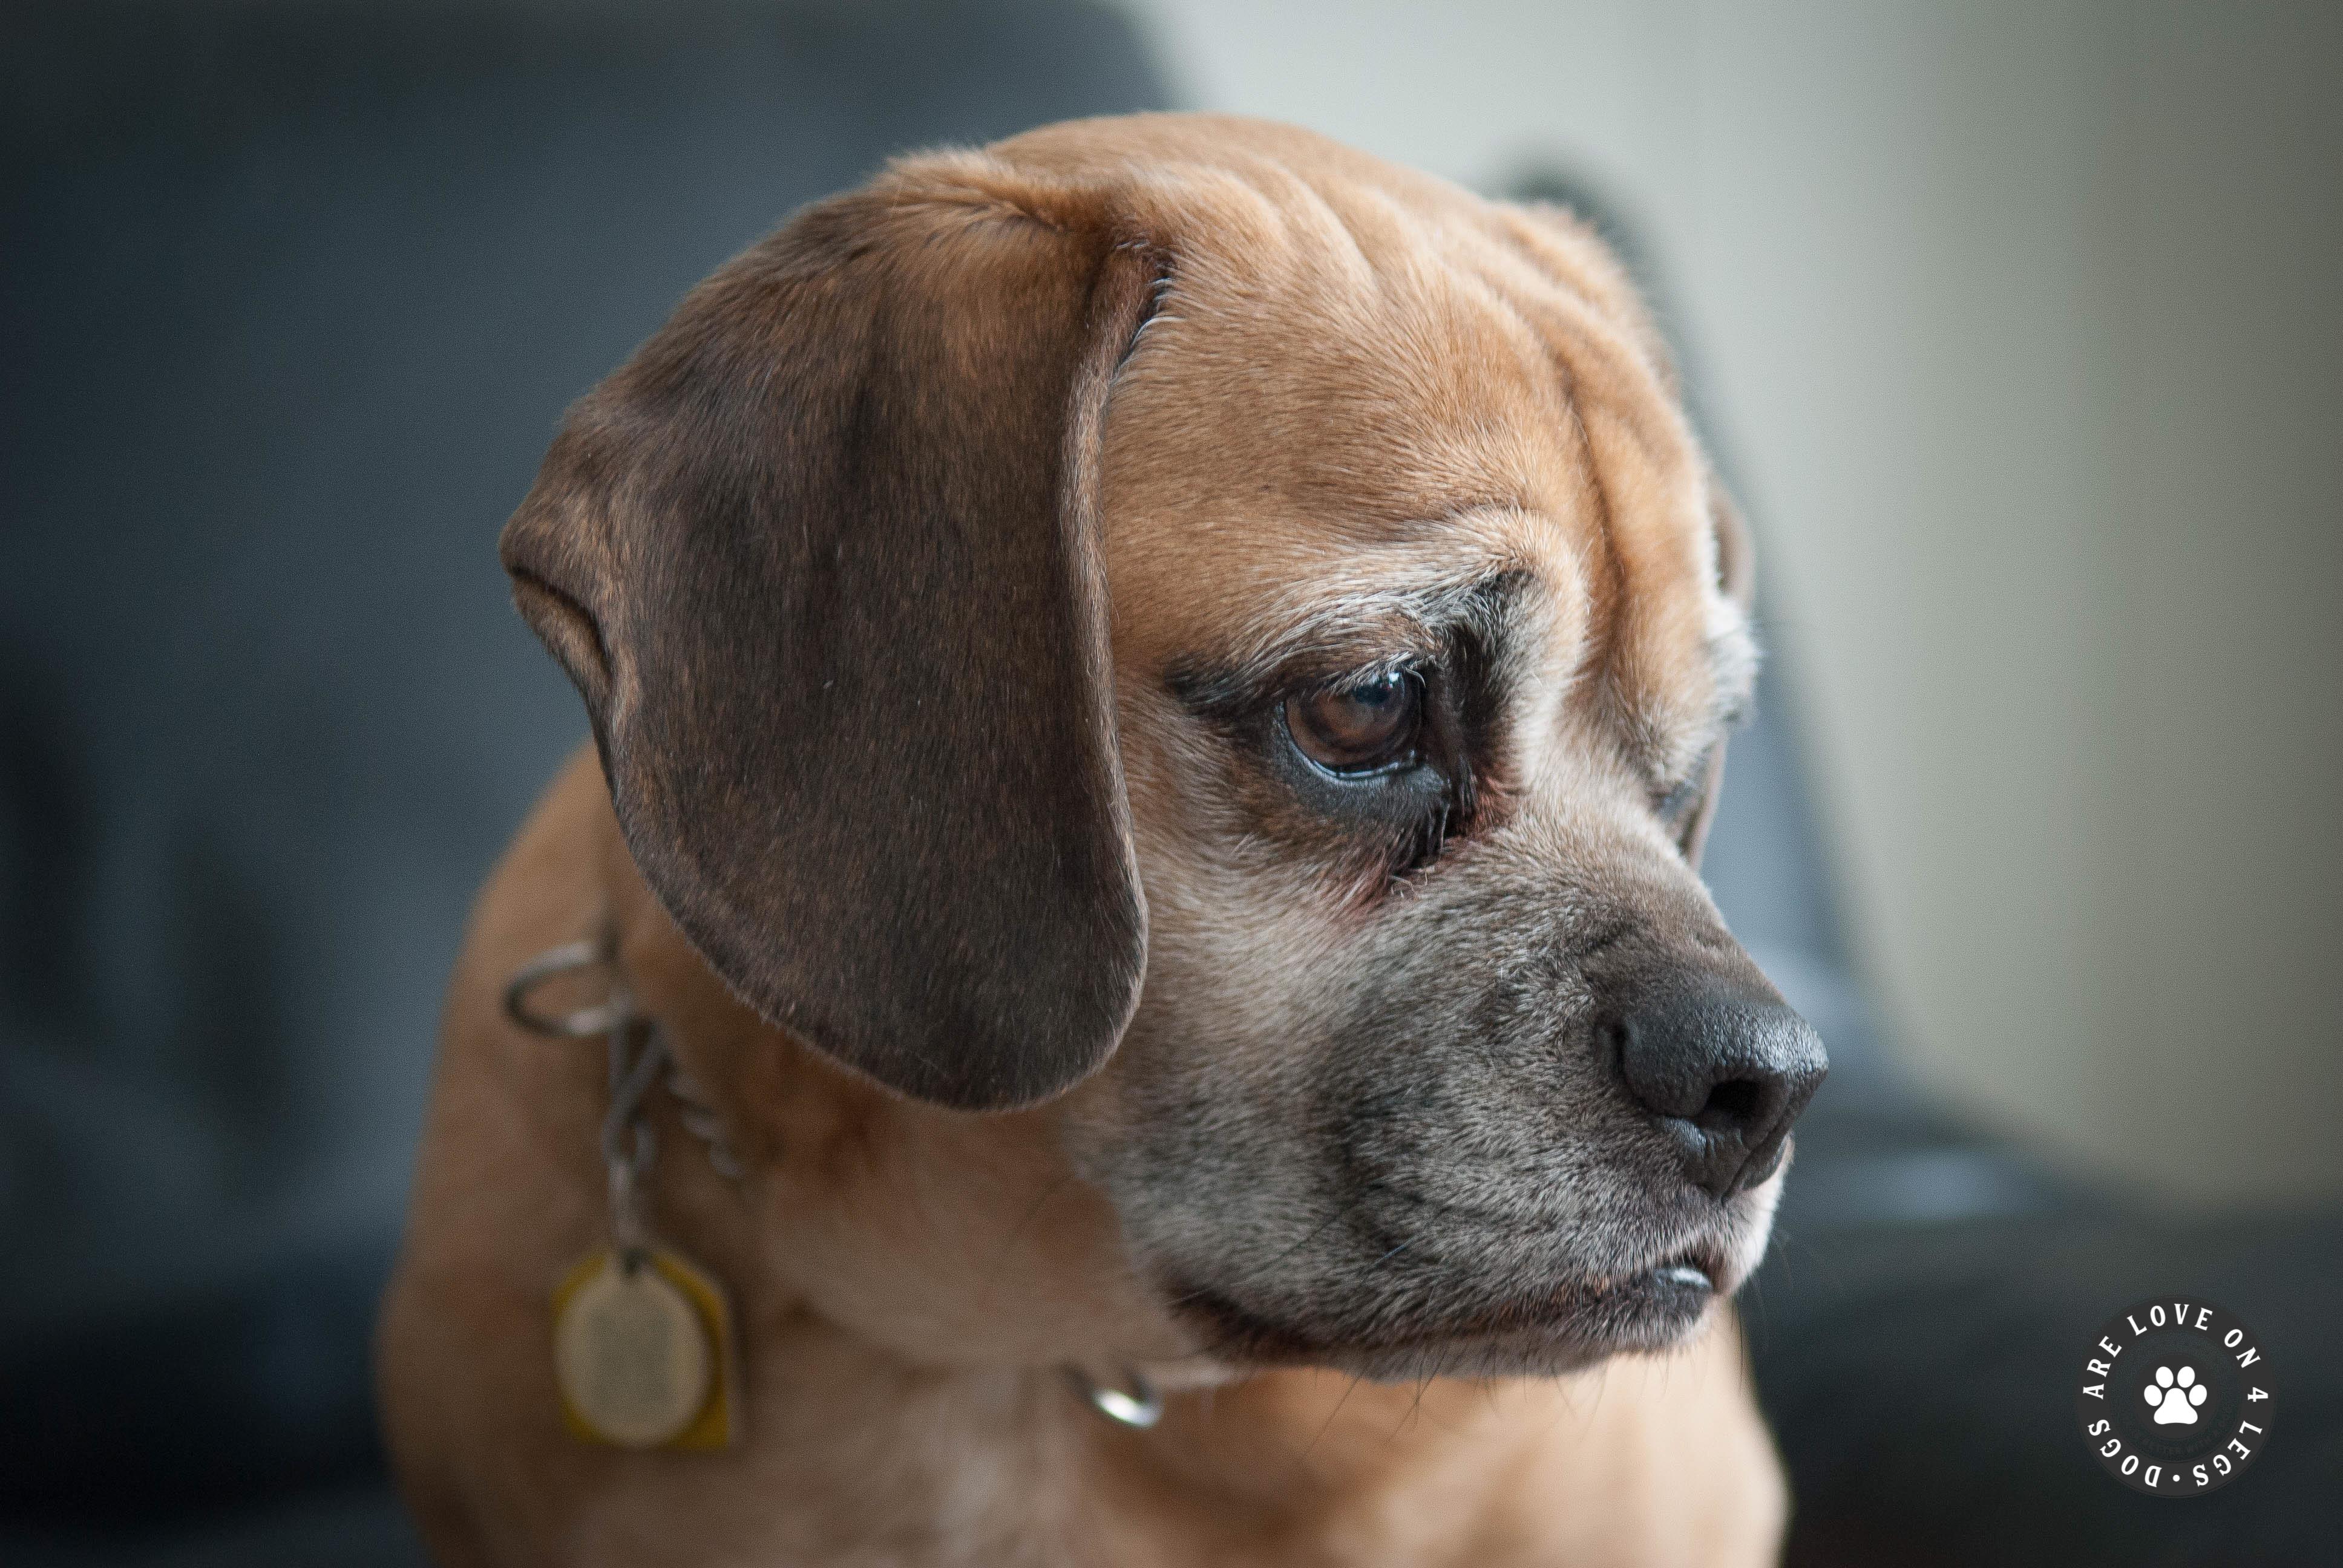 homestay blinds dog haven img prev